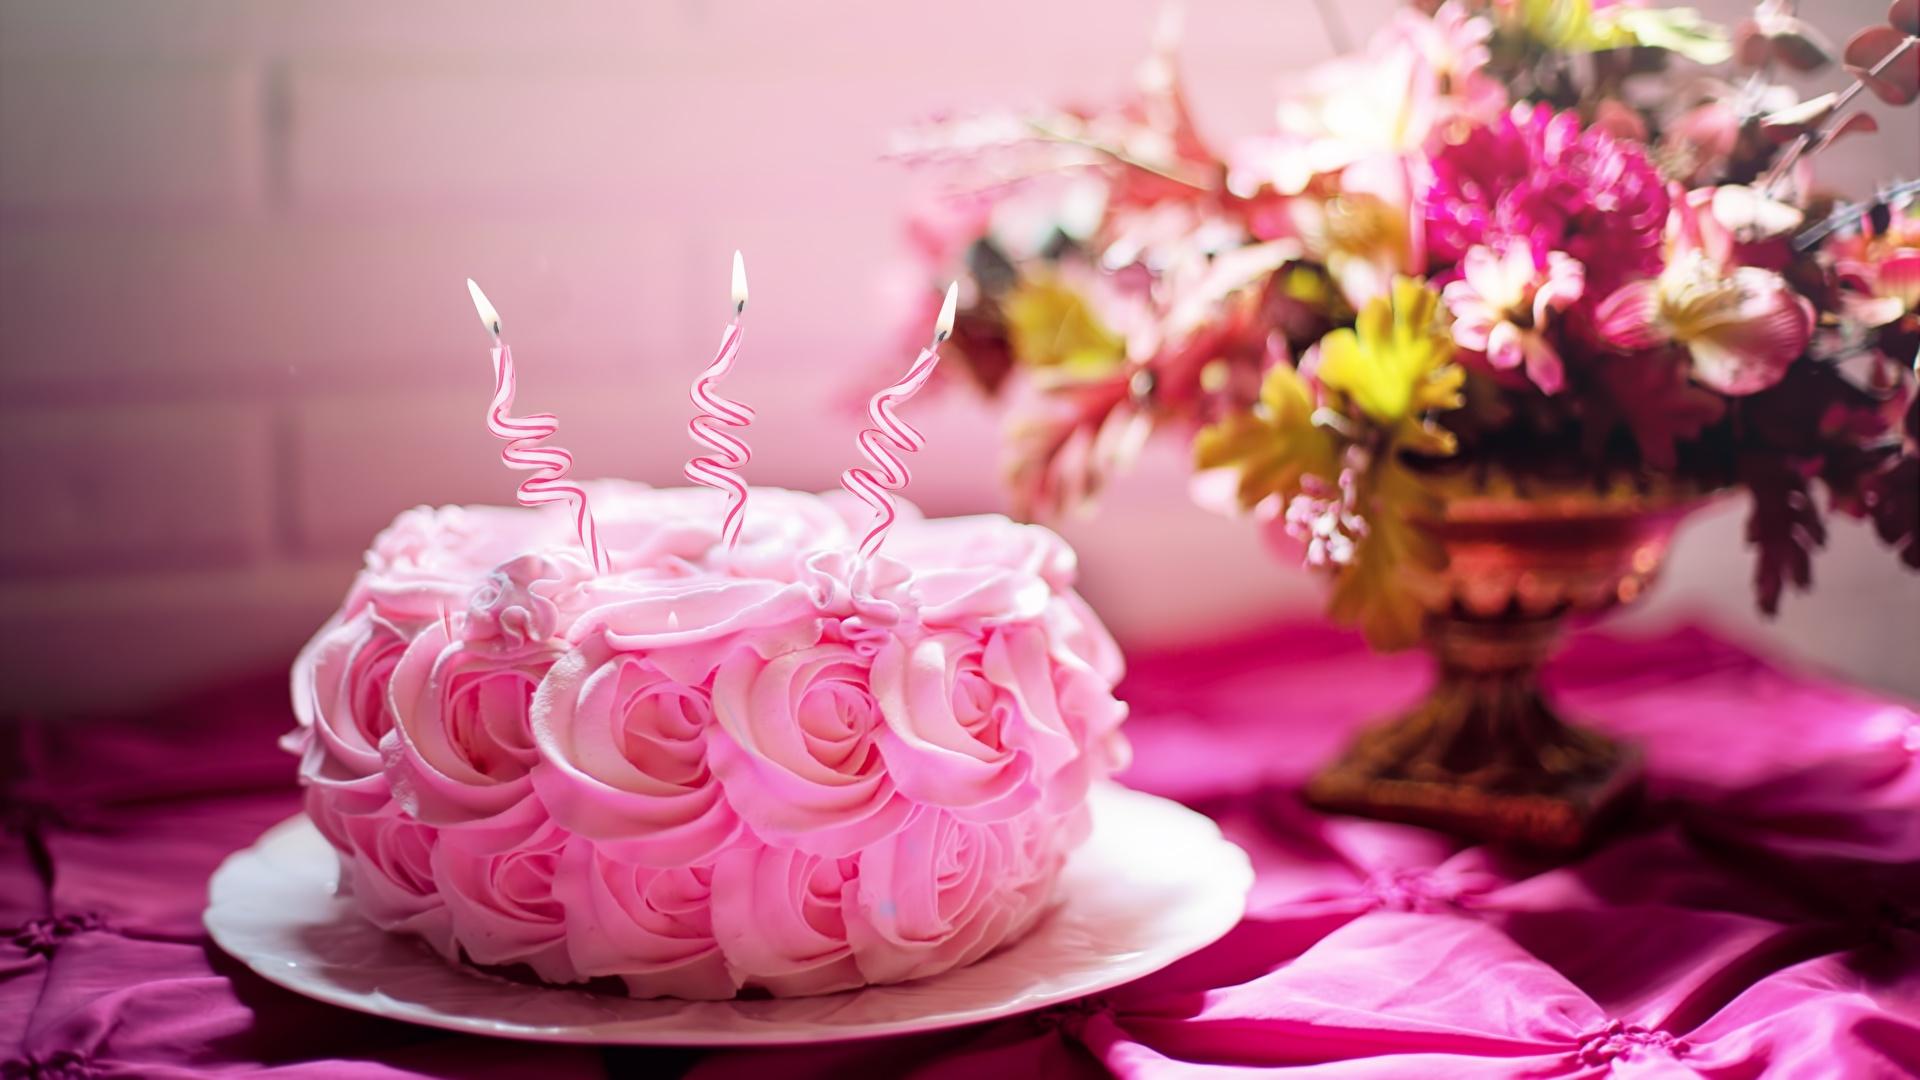 Фотографии День рождения роза Торты розовая Огонь Еда Свечи 1920x1080 Розы розовых Розовый розовые пламя Пища Продукты питания